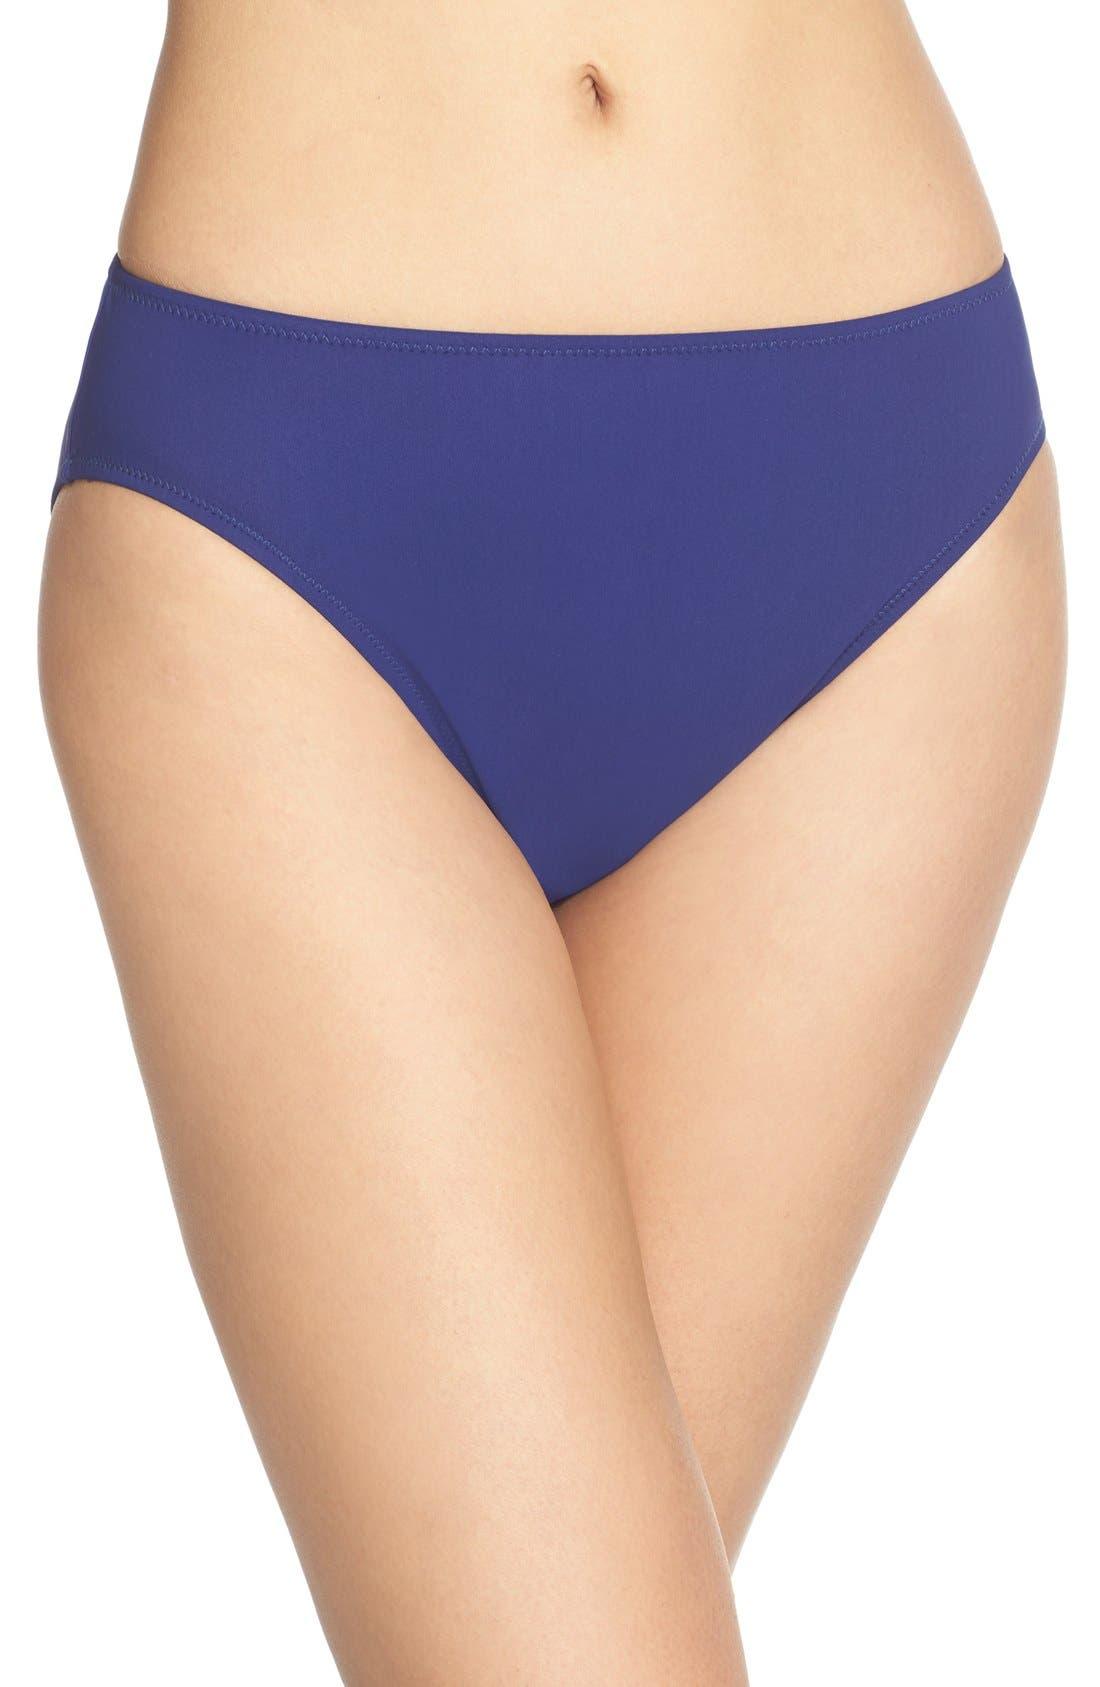 Hipster Bikini Bottoms,                         Main,                         color, 401